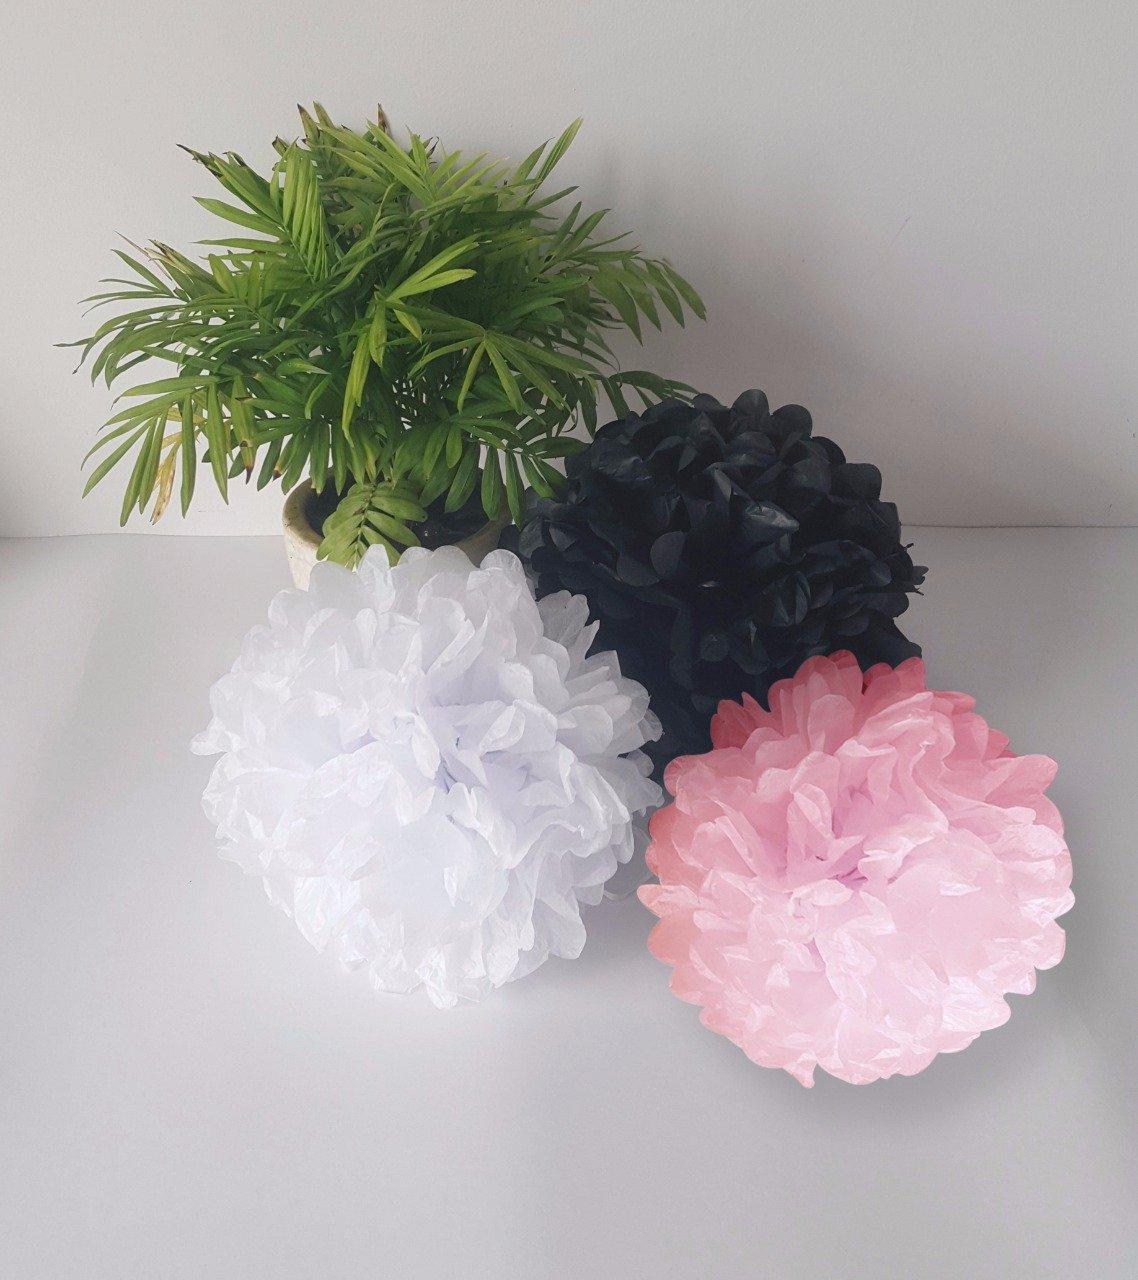 Flores de Papel para Decoraciones Elegantes de Bodas Coches de Boda Baby Showers Fiestas Diferentes Colores Cumplea/ños YOKARTA 12x Pompones de Papel de Seda Decorativos rojo /ø 20 cm